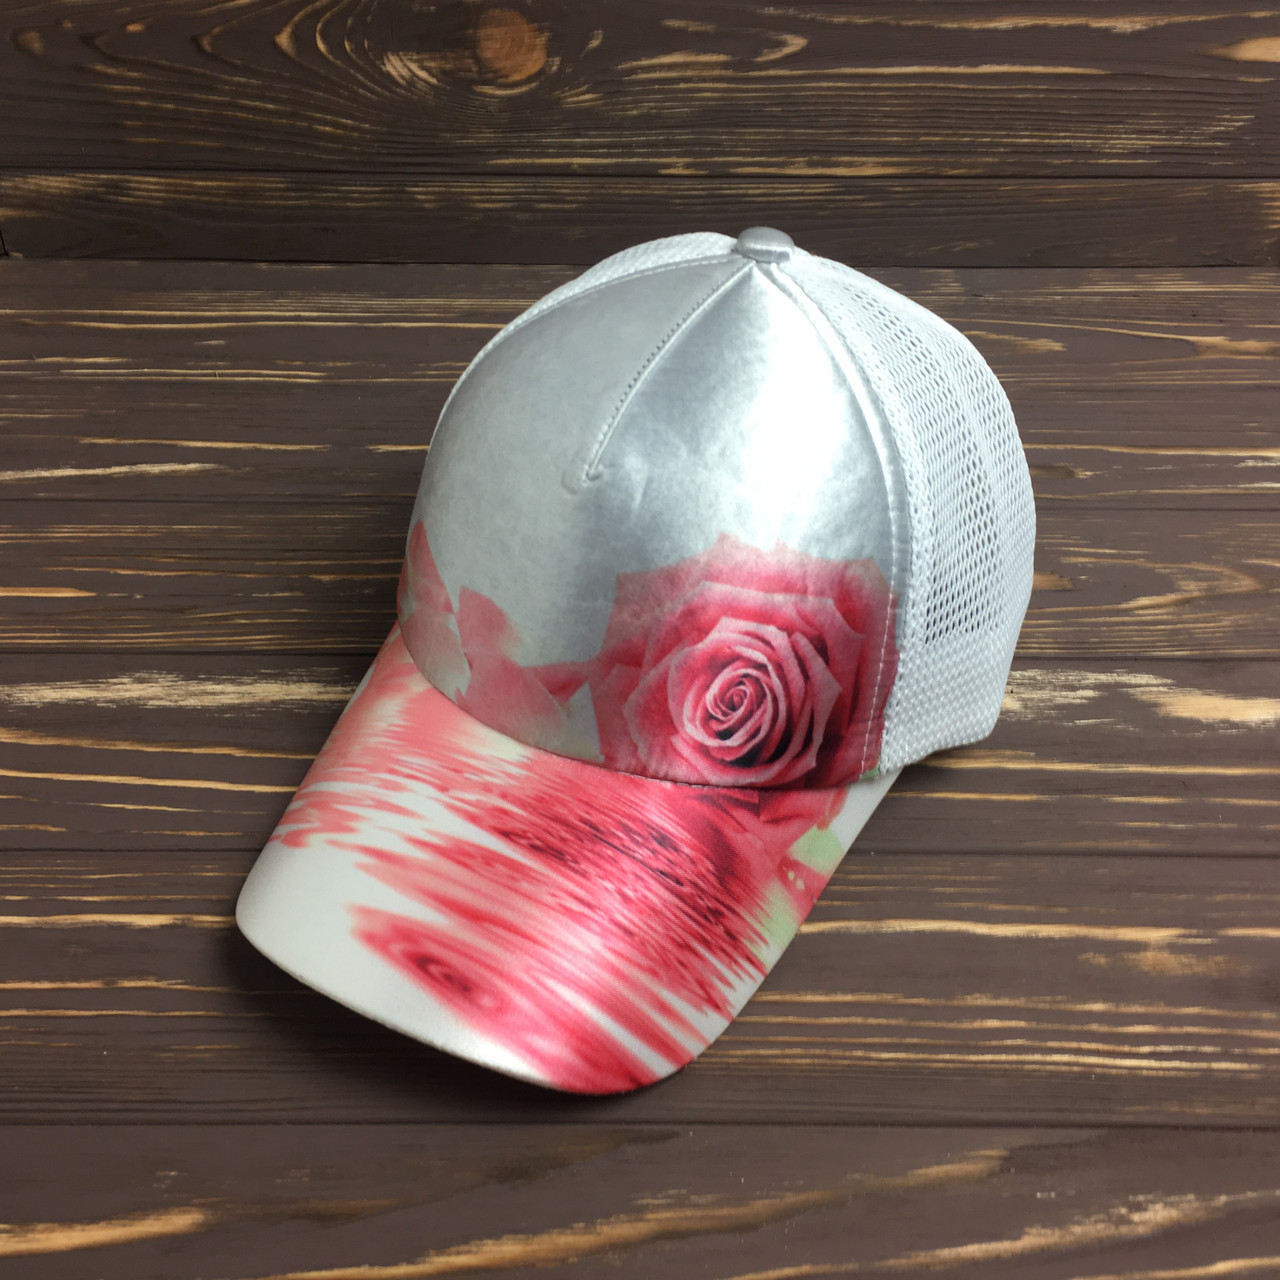 Кепка с сеткой - pink rose